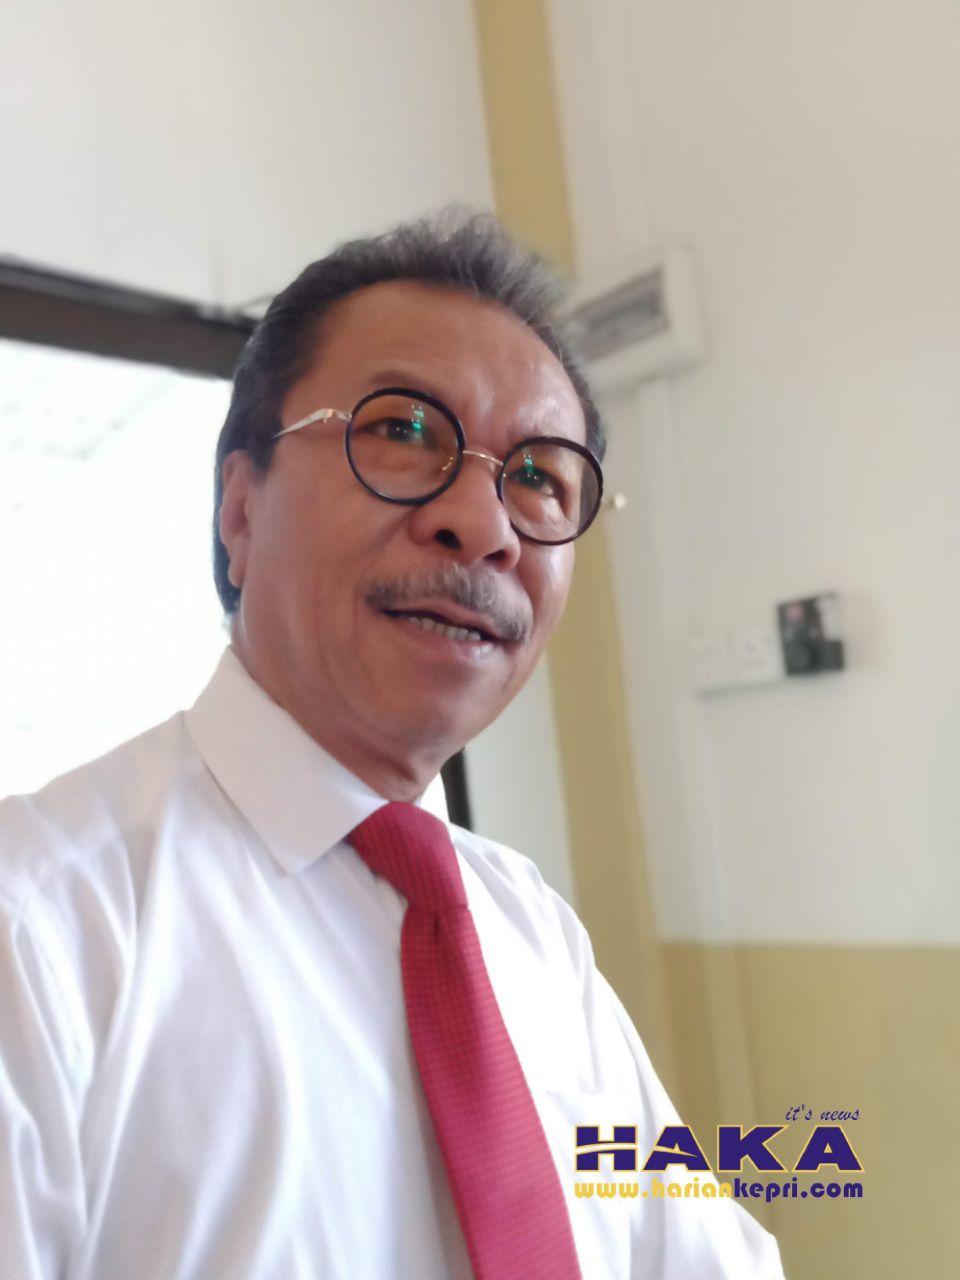 Soroti Anggaran Sembako, Ketua DPRD: Plt Gubernur Harus Jelaskan ke Kami